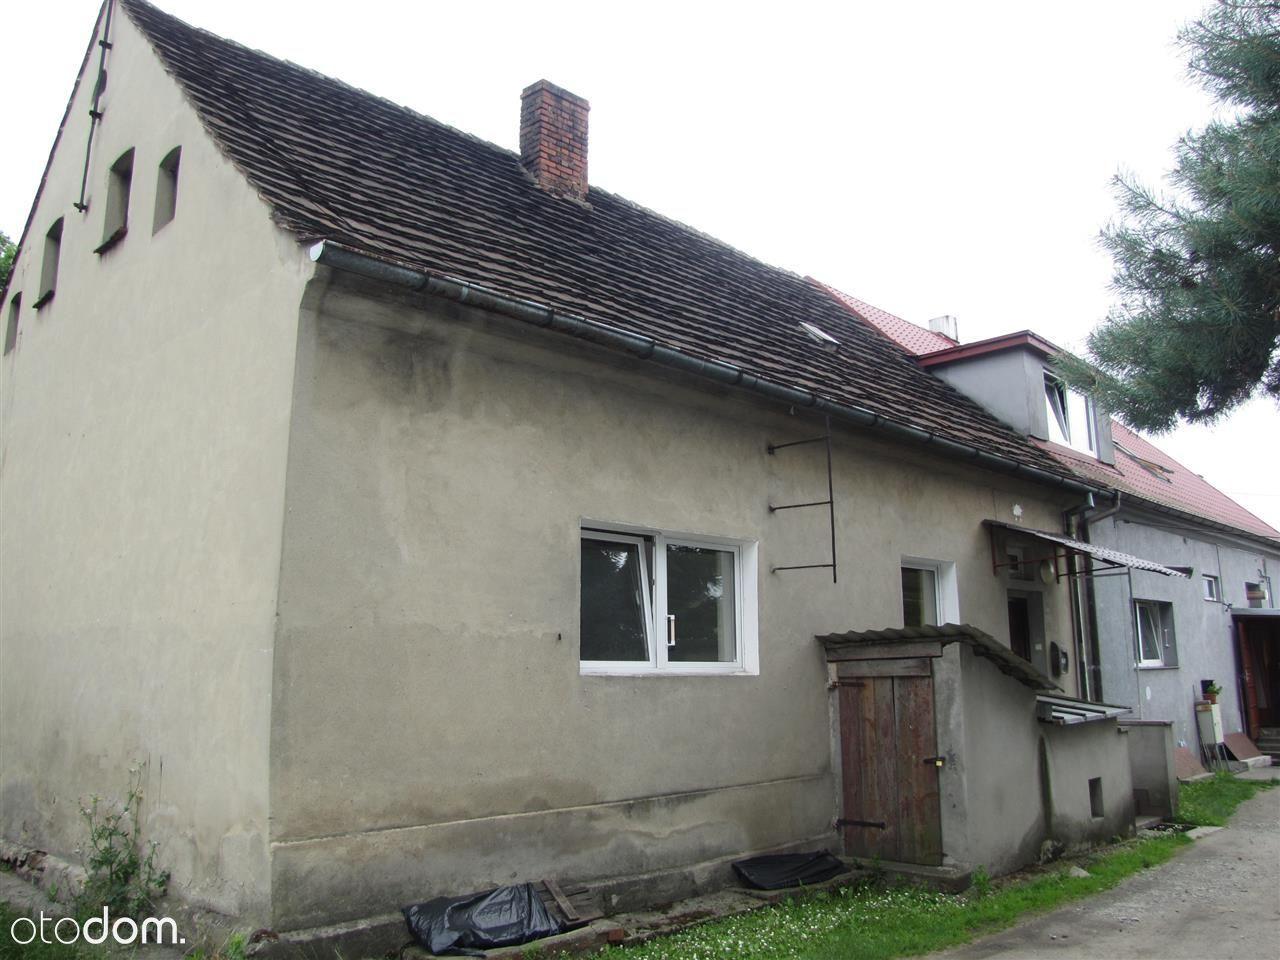 Dom 130mkw Ogród 300mkw Smolec Do remontu 